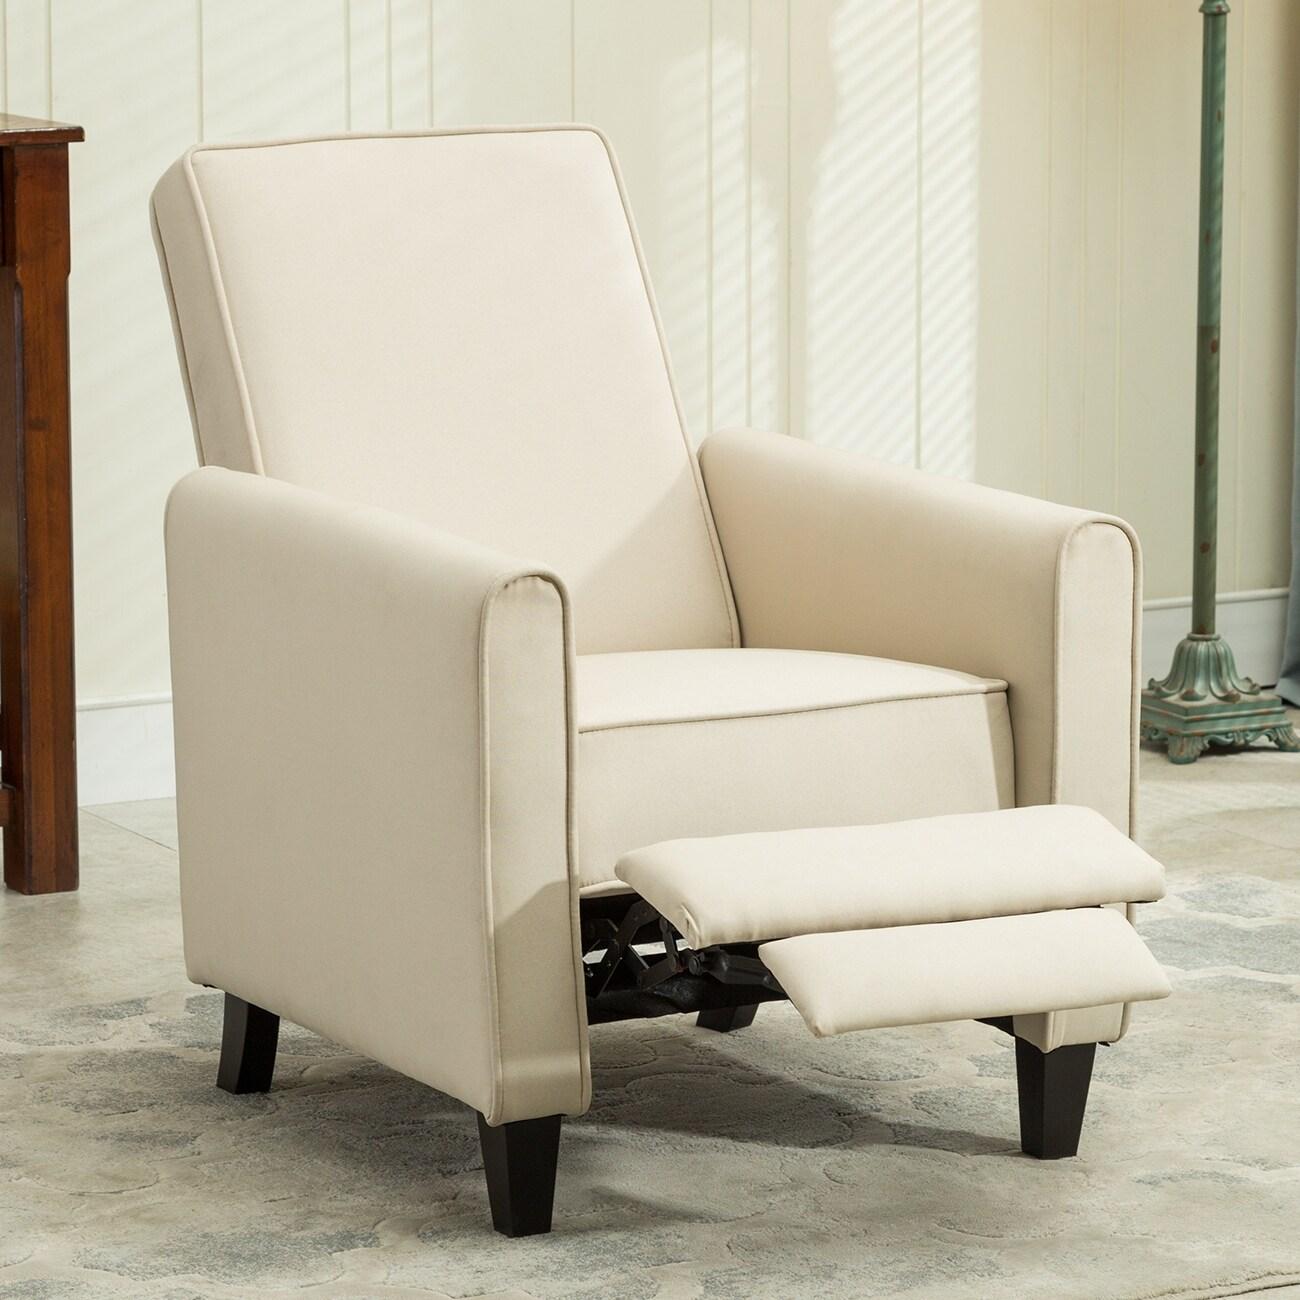 Belleze modern living room furniture design recliner club linen chair accent beige